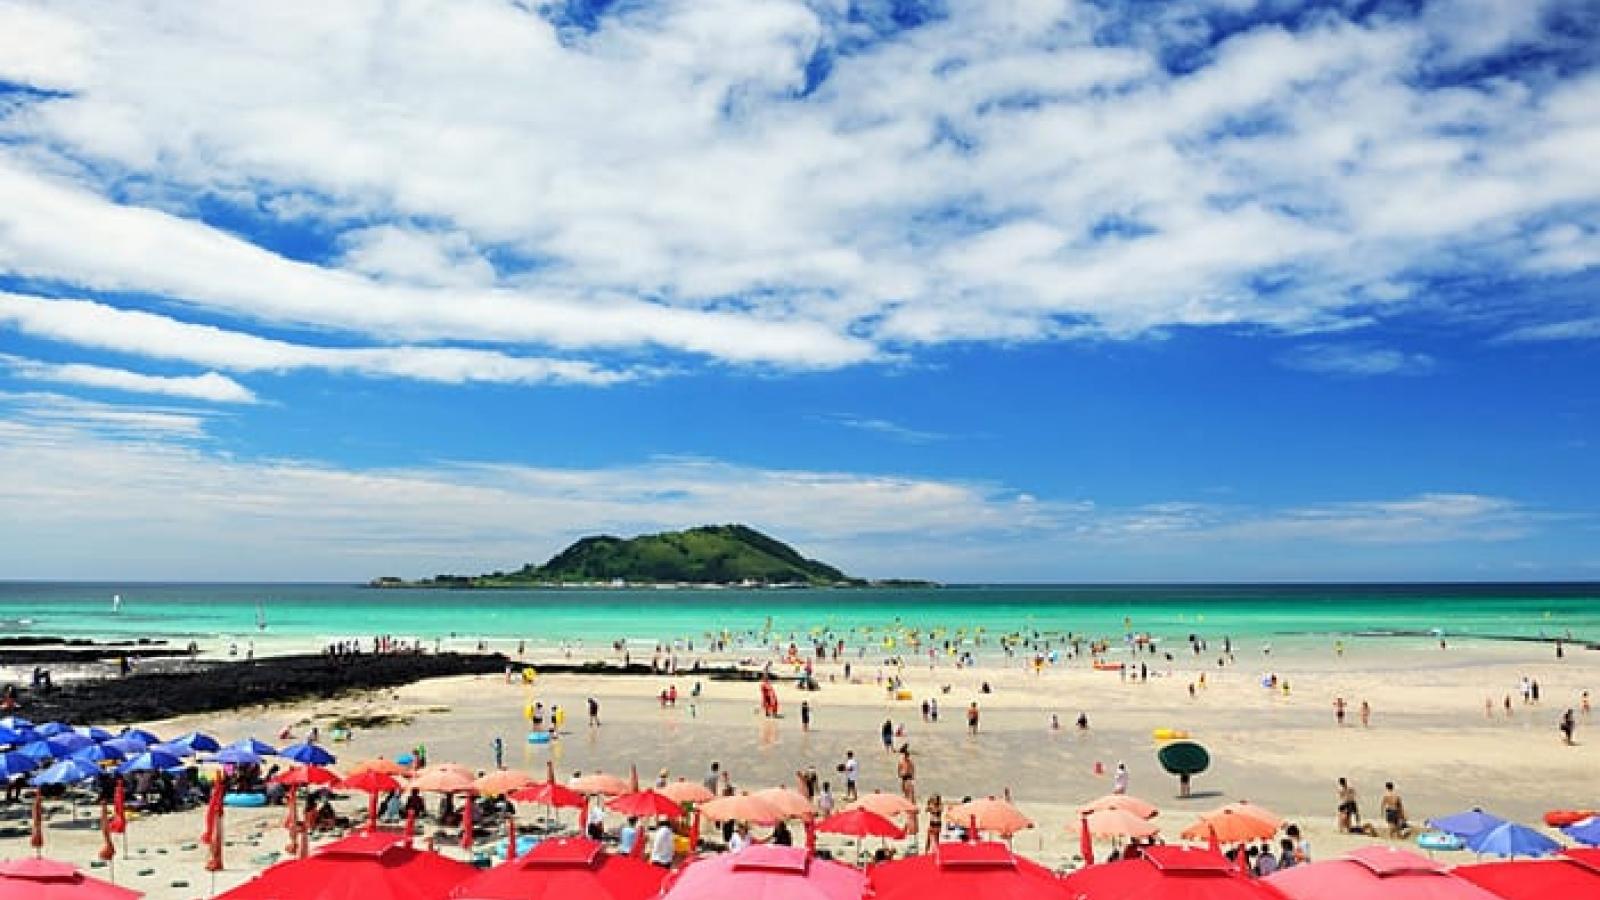 Top 10 bãi biển mùa hè đẹp mê hồn tại Hàn Quốc